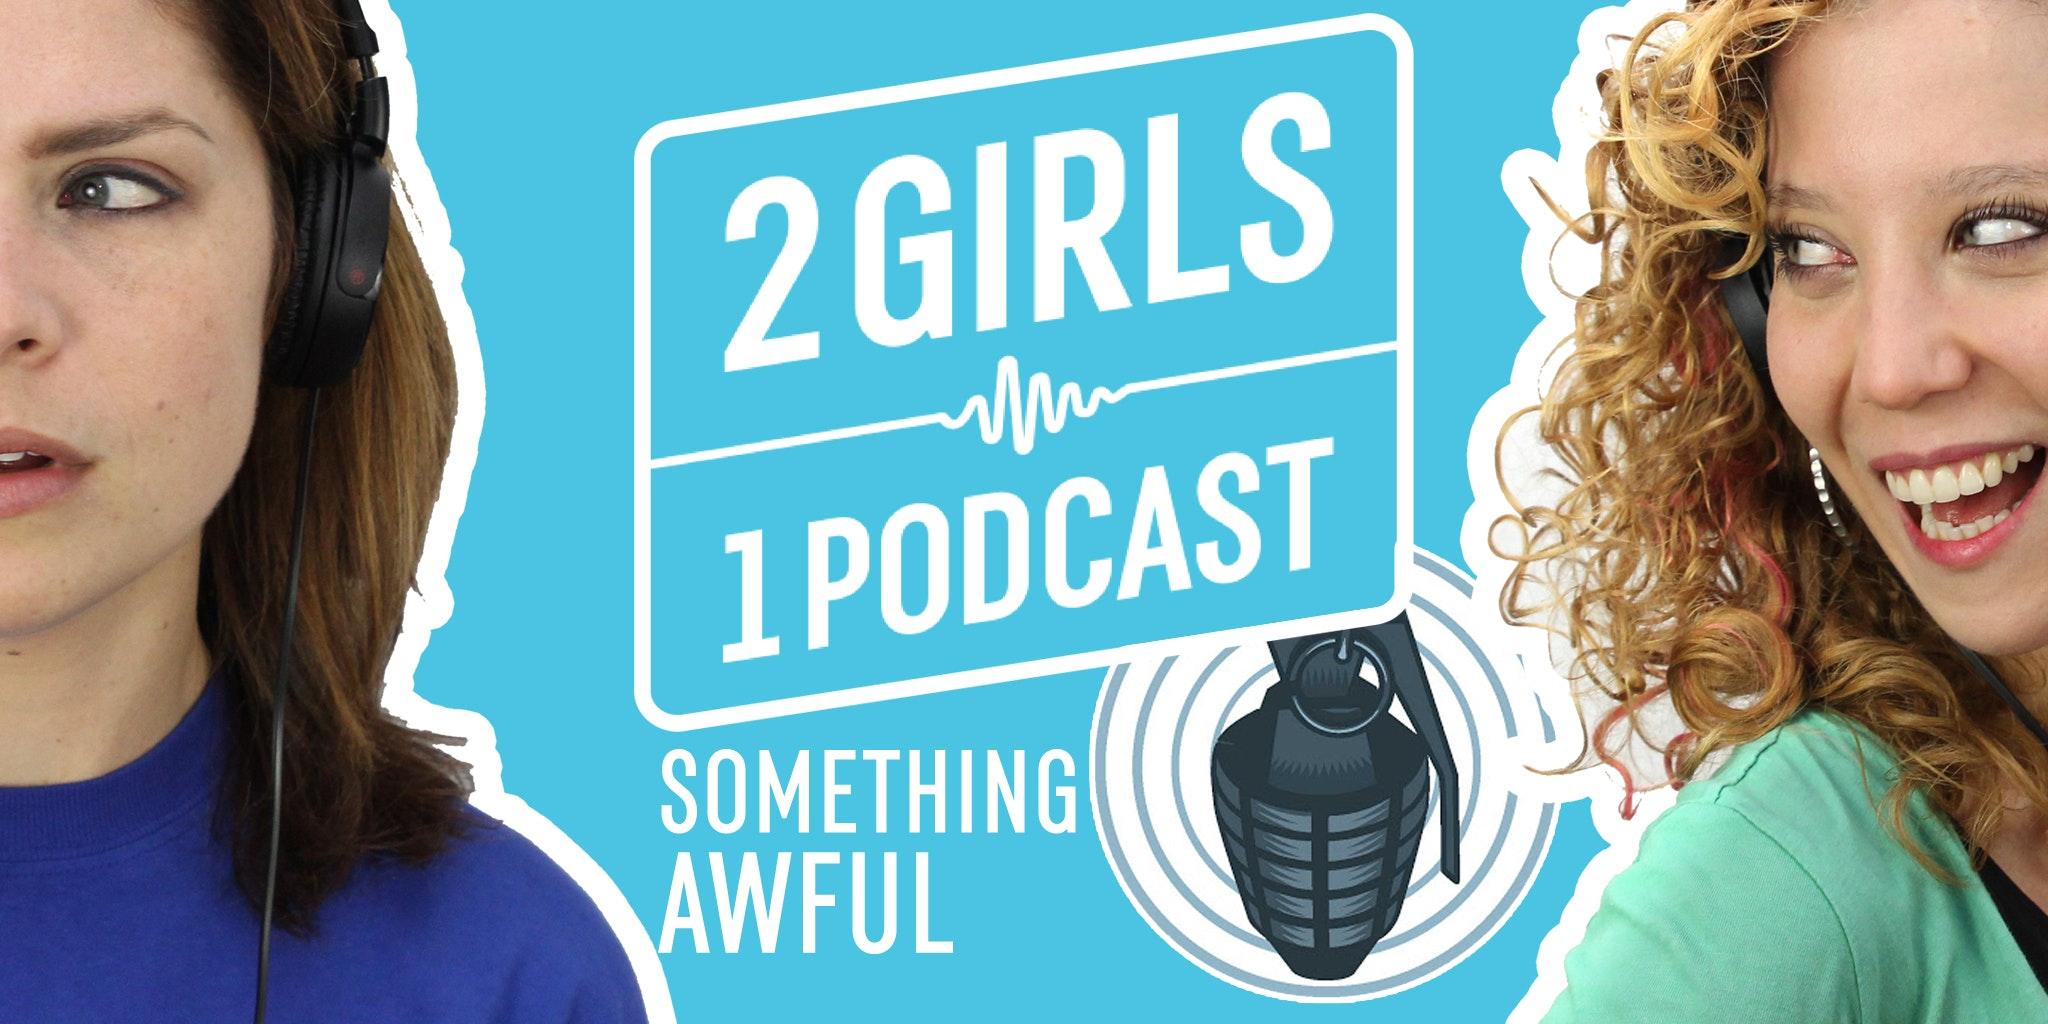 photo of 2 girls one podcast logo